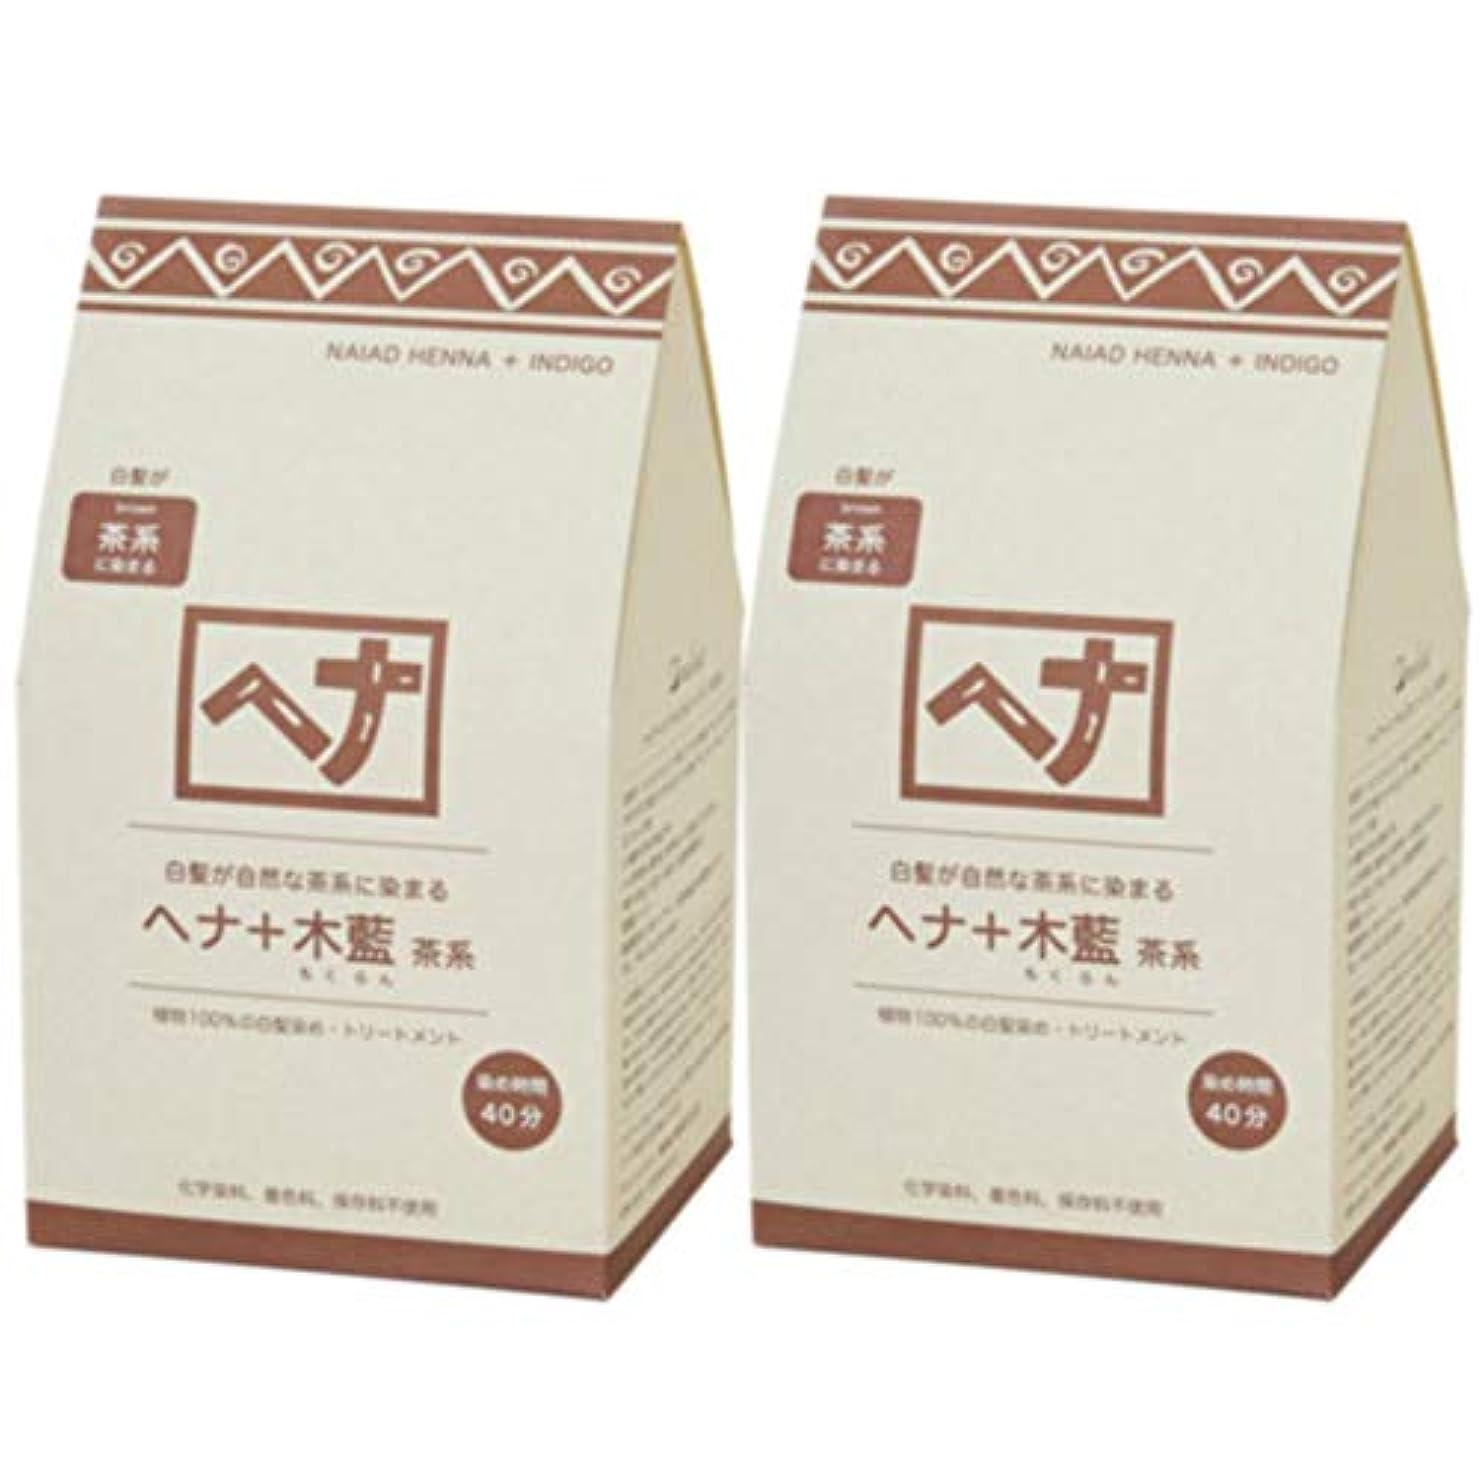 ナイアード ヘナ+木藍 茶系(新色) 400g◆2個+【ヘアキャップ&耳キャップ 】セット